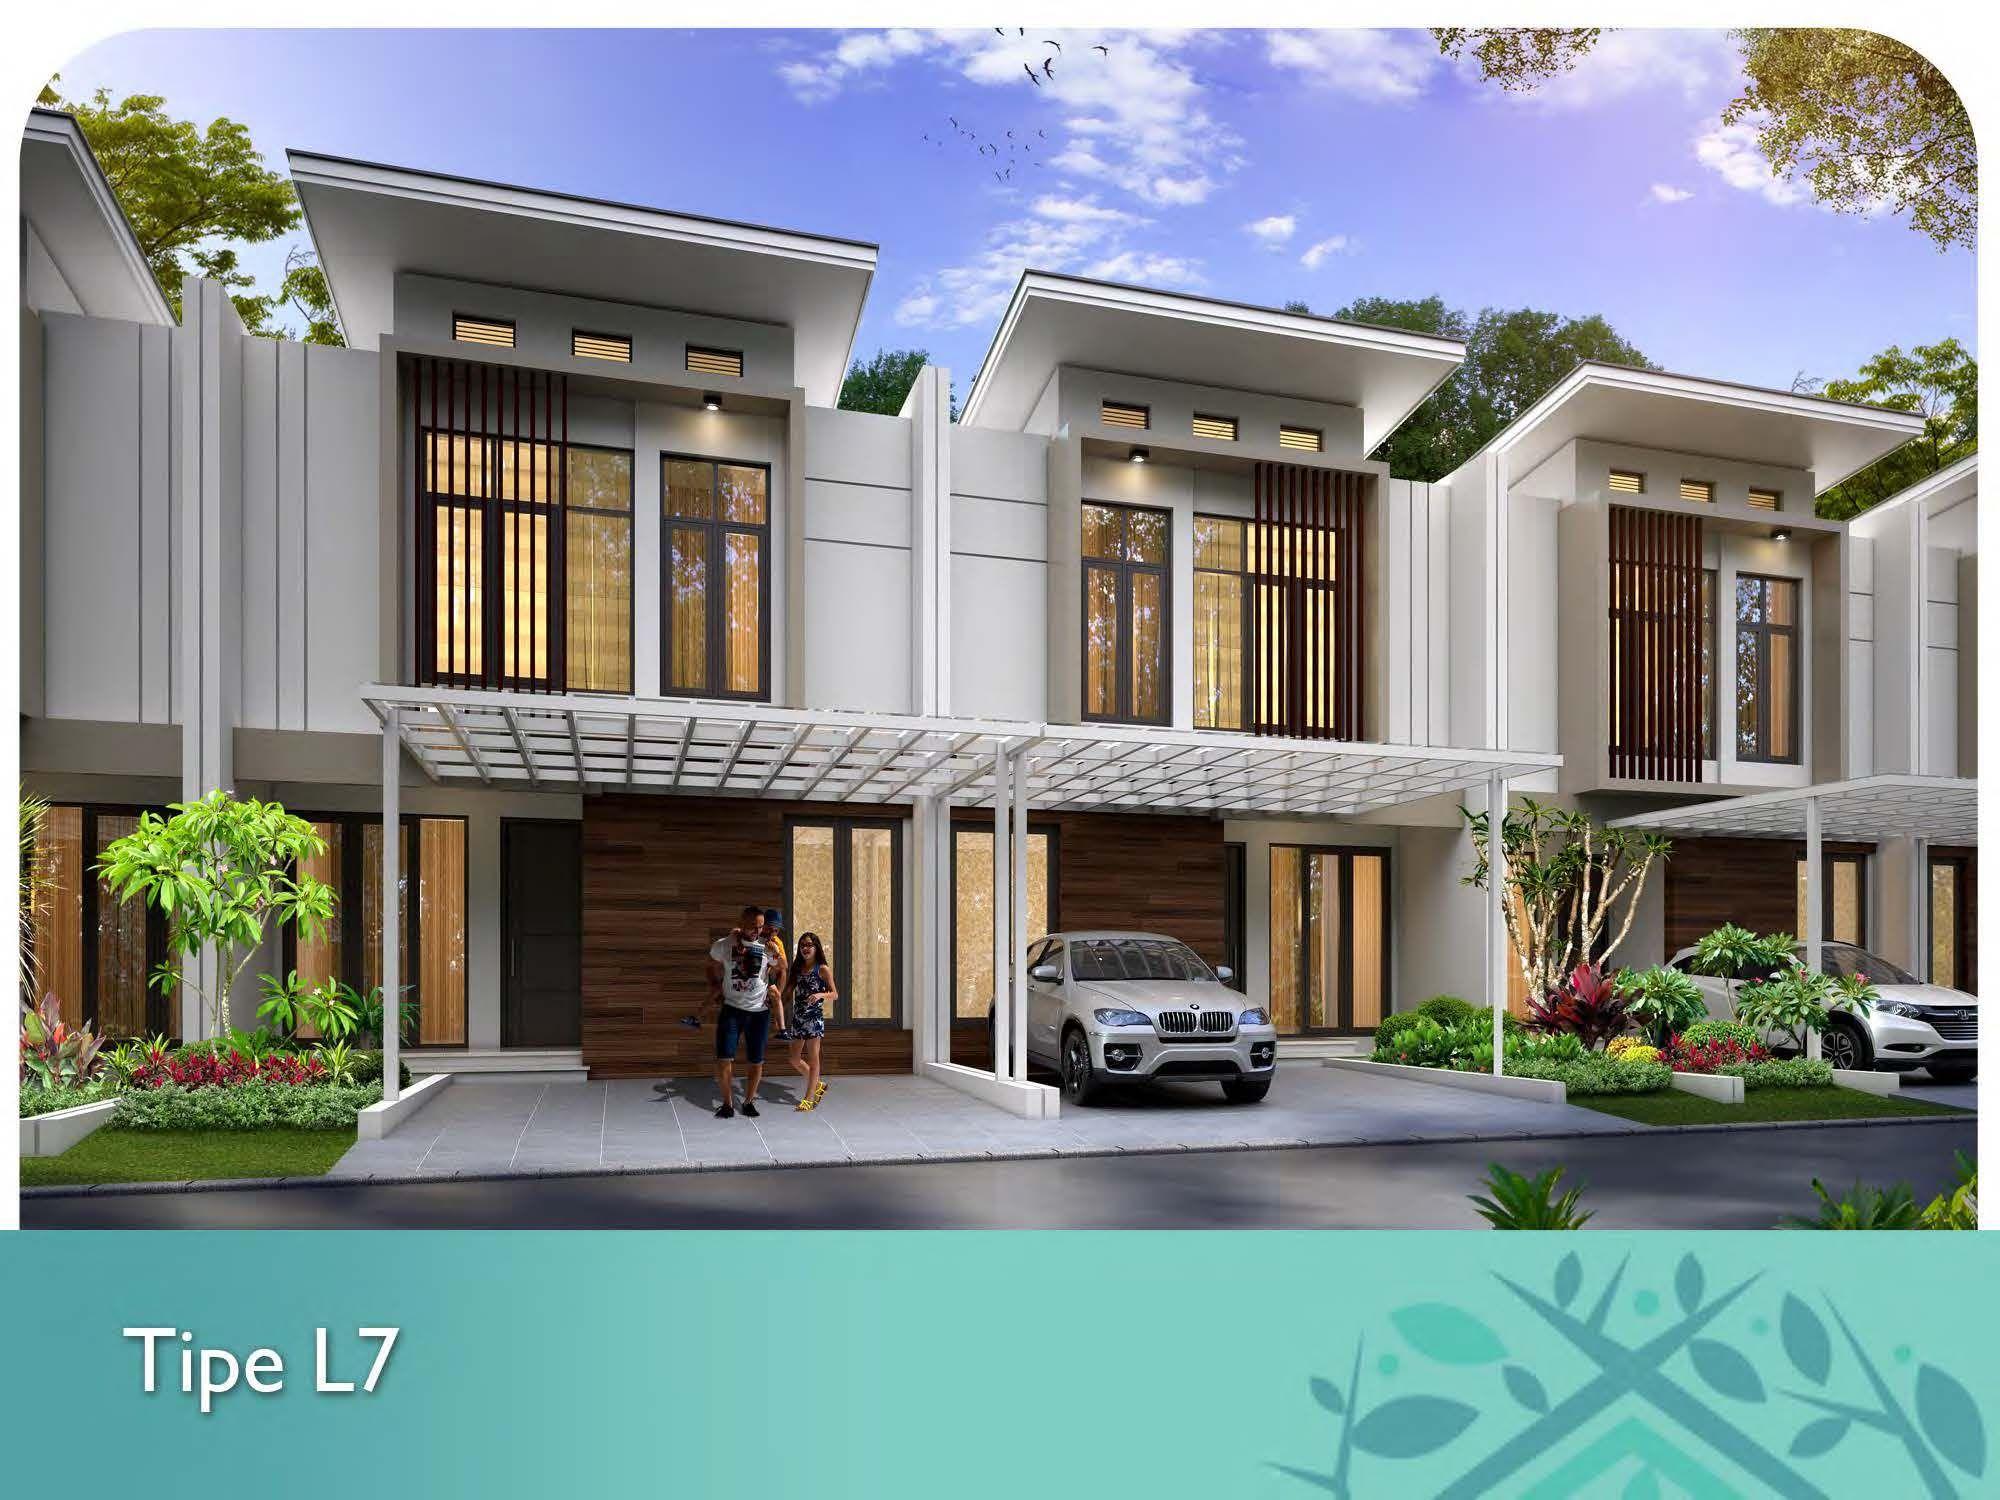 Tipe yang ditawarkan Rumah L6 6x15, LB=63m², 3+1 KT, 1